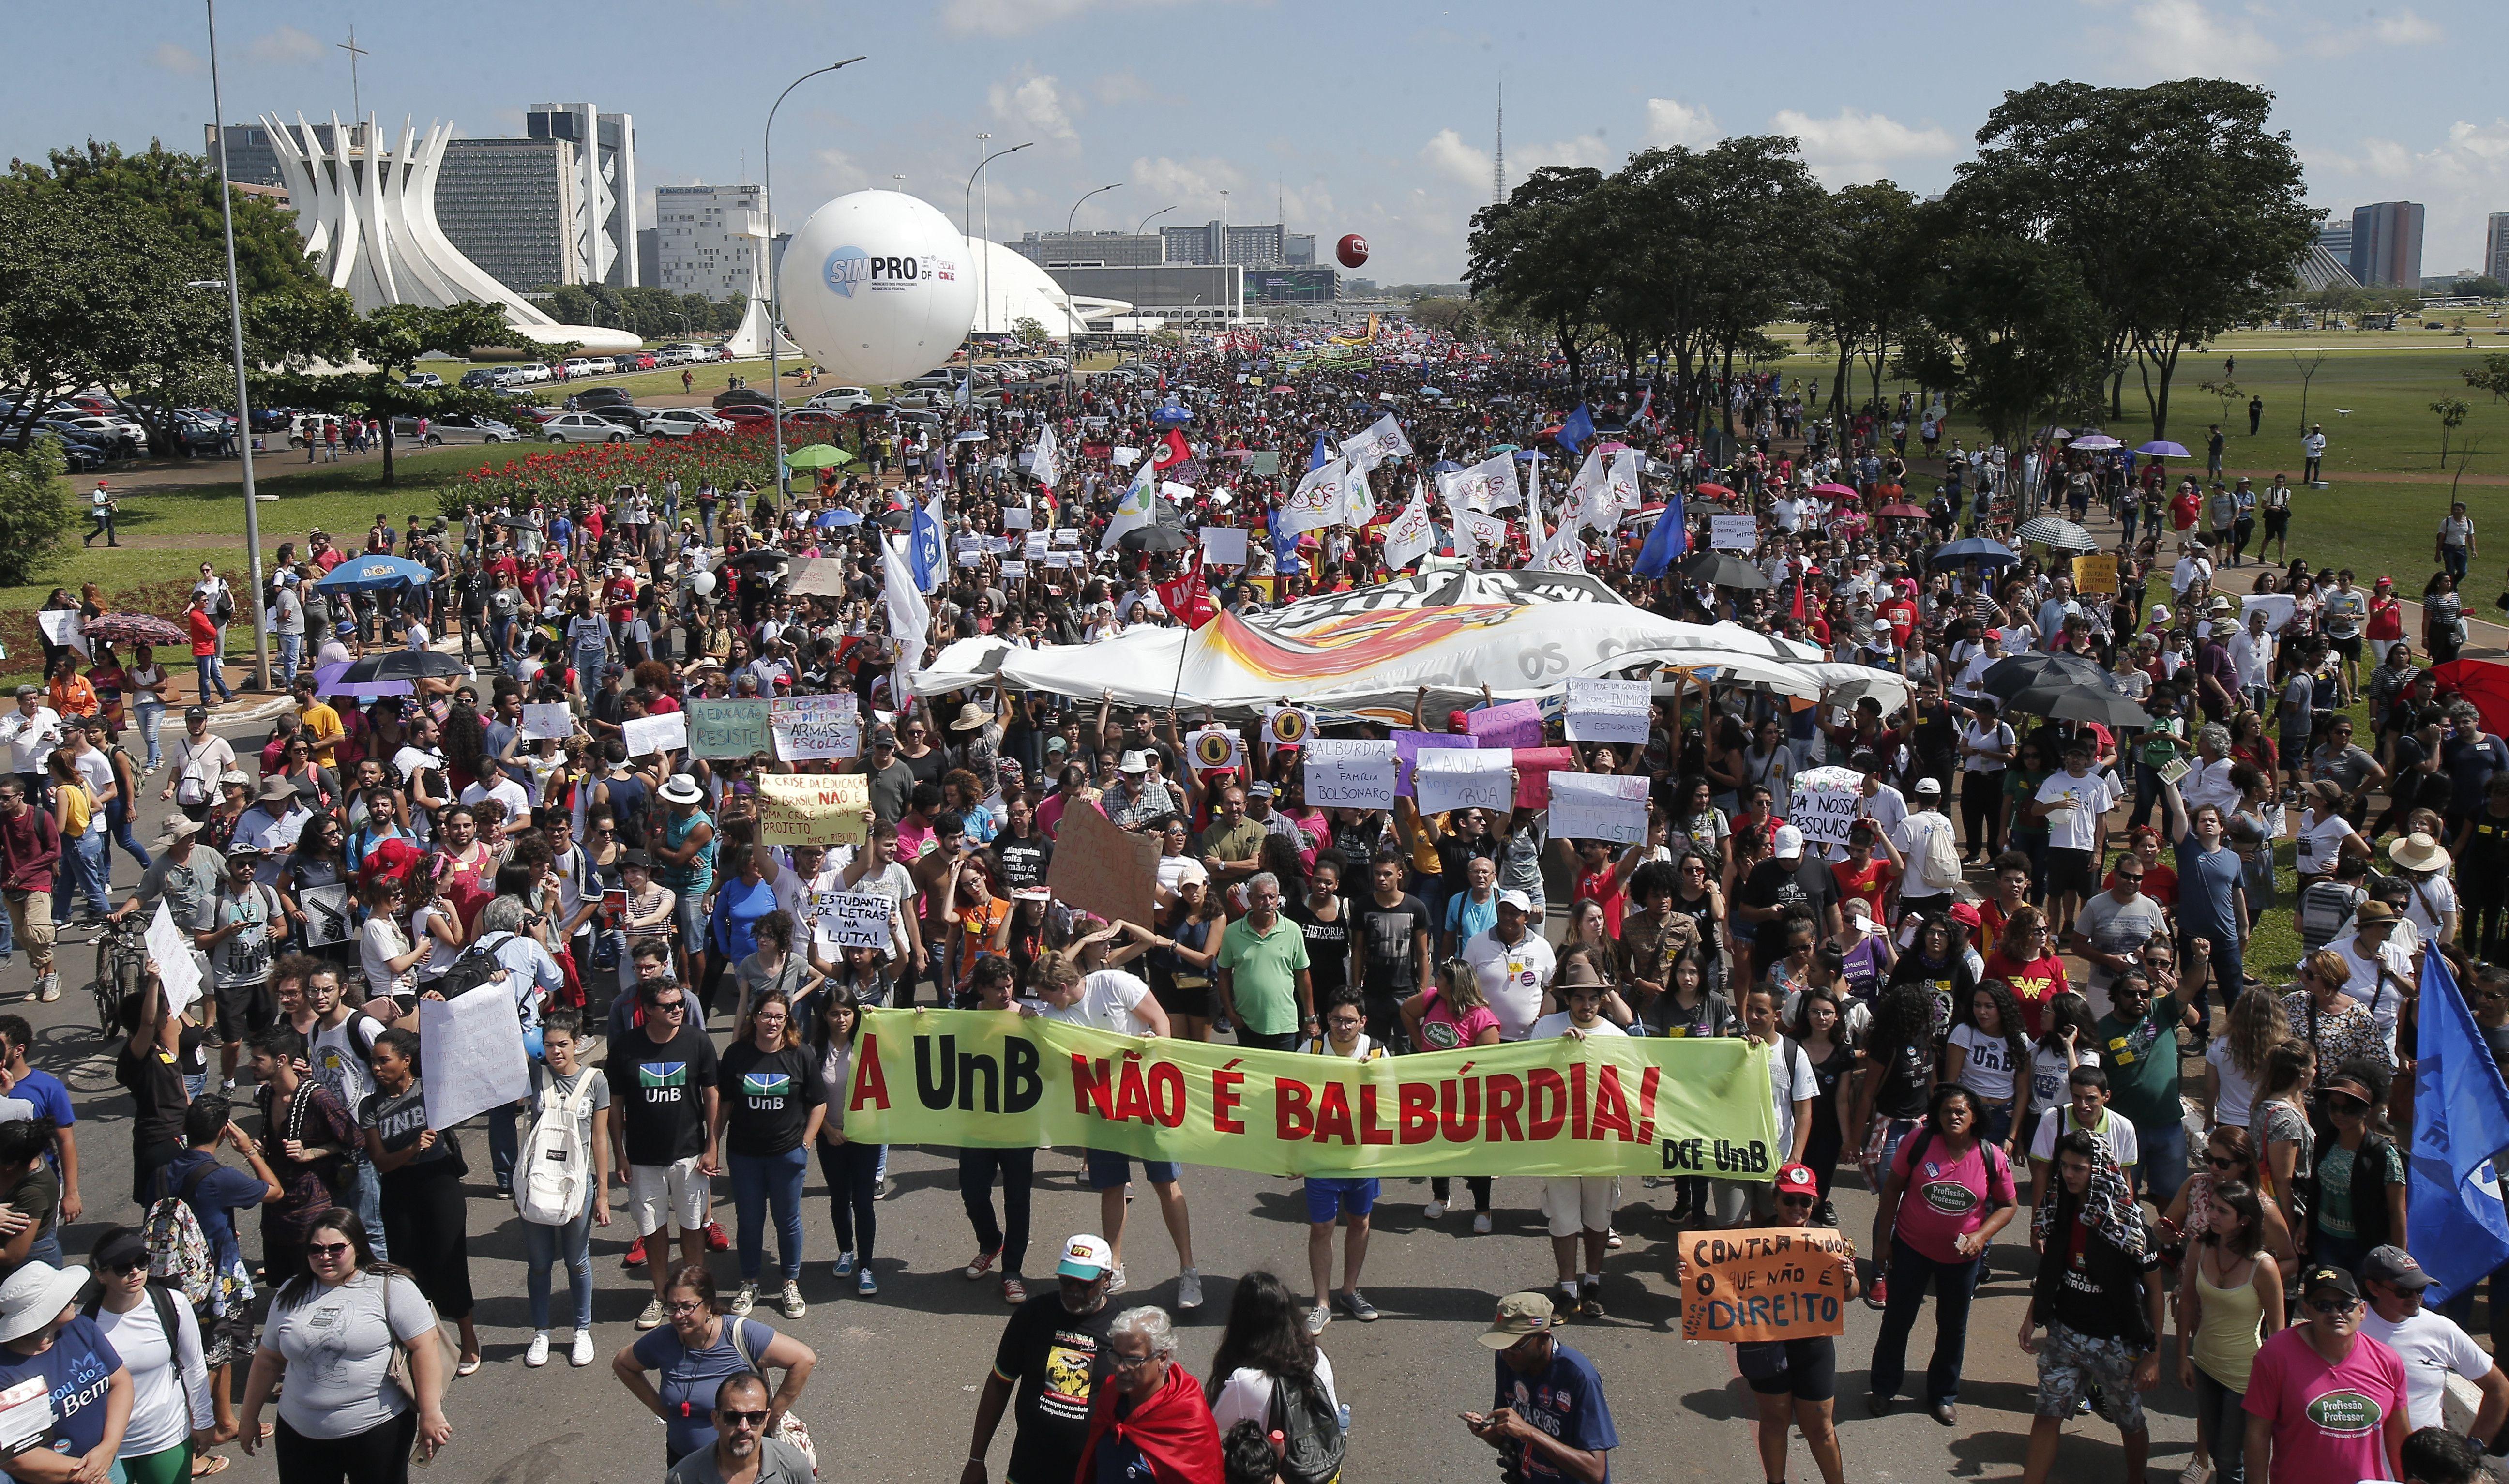 Manifestantes protestam contra o bloqueio de recursos para a educação anunciado pelo Ministério da Educação e realizam passeata pela Esplanada dos Min